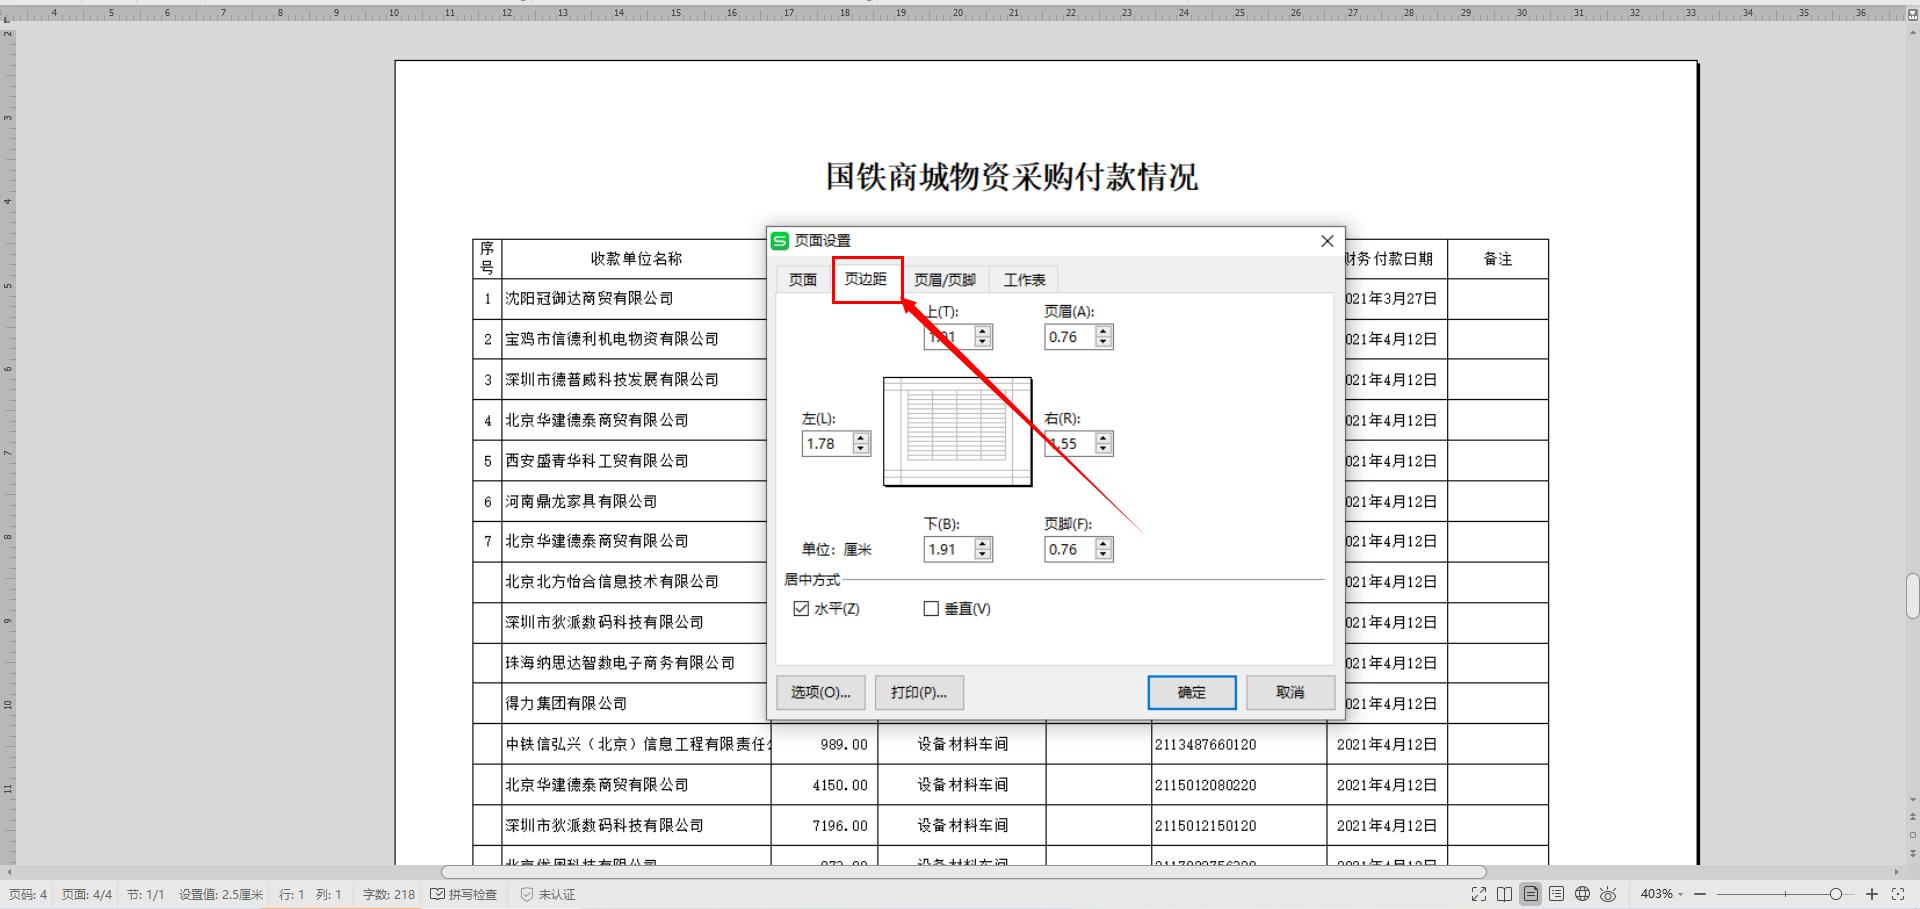 WPS中如何快速使表格打印居中?